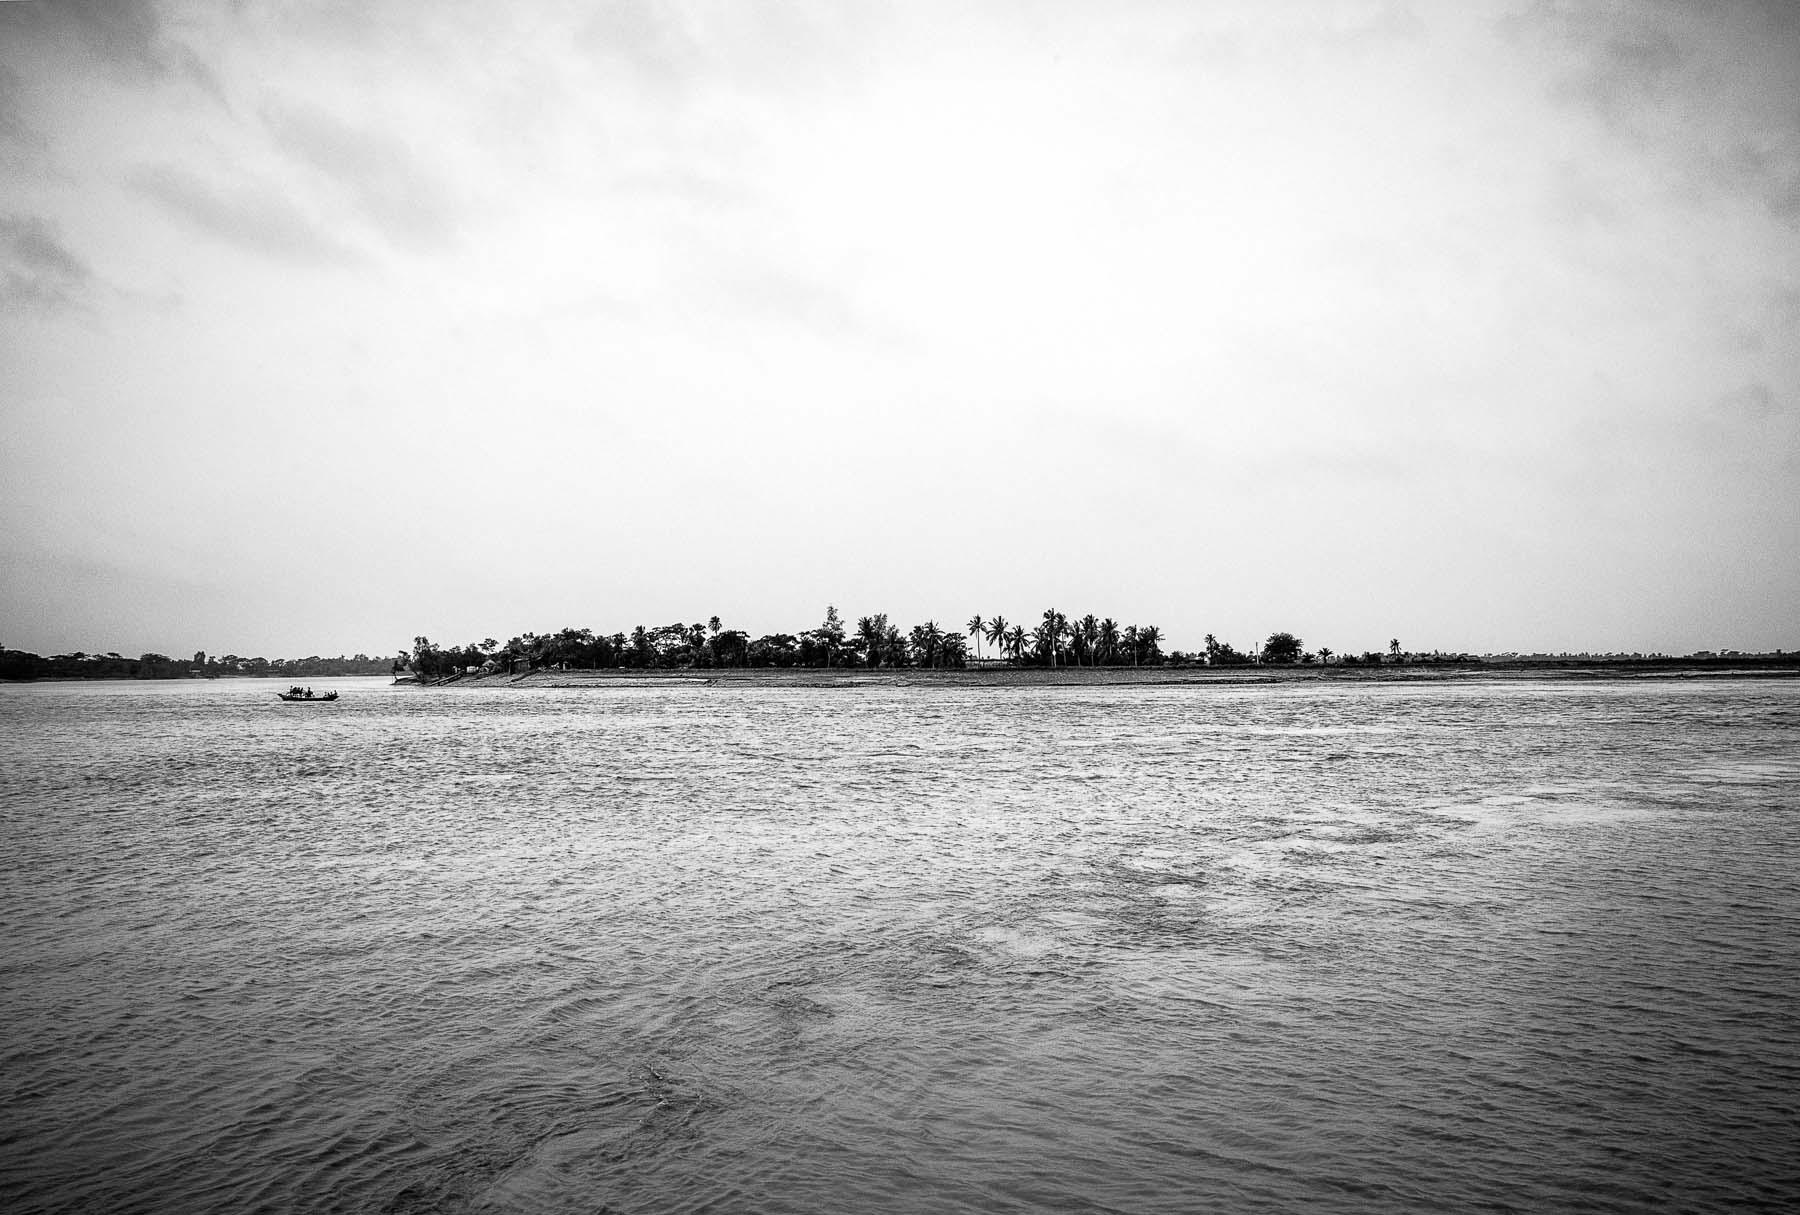 Jules_toulet_bangladesh28